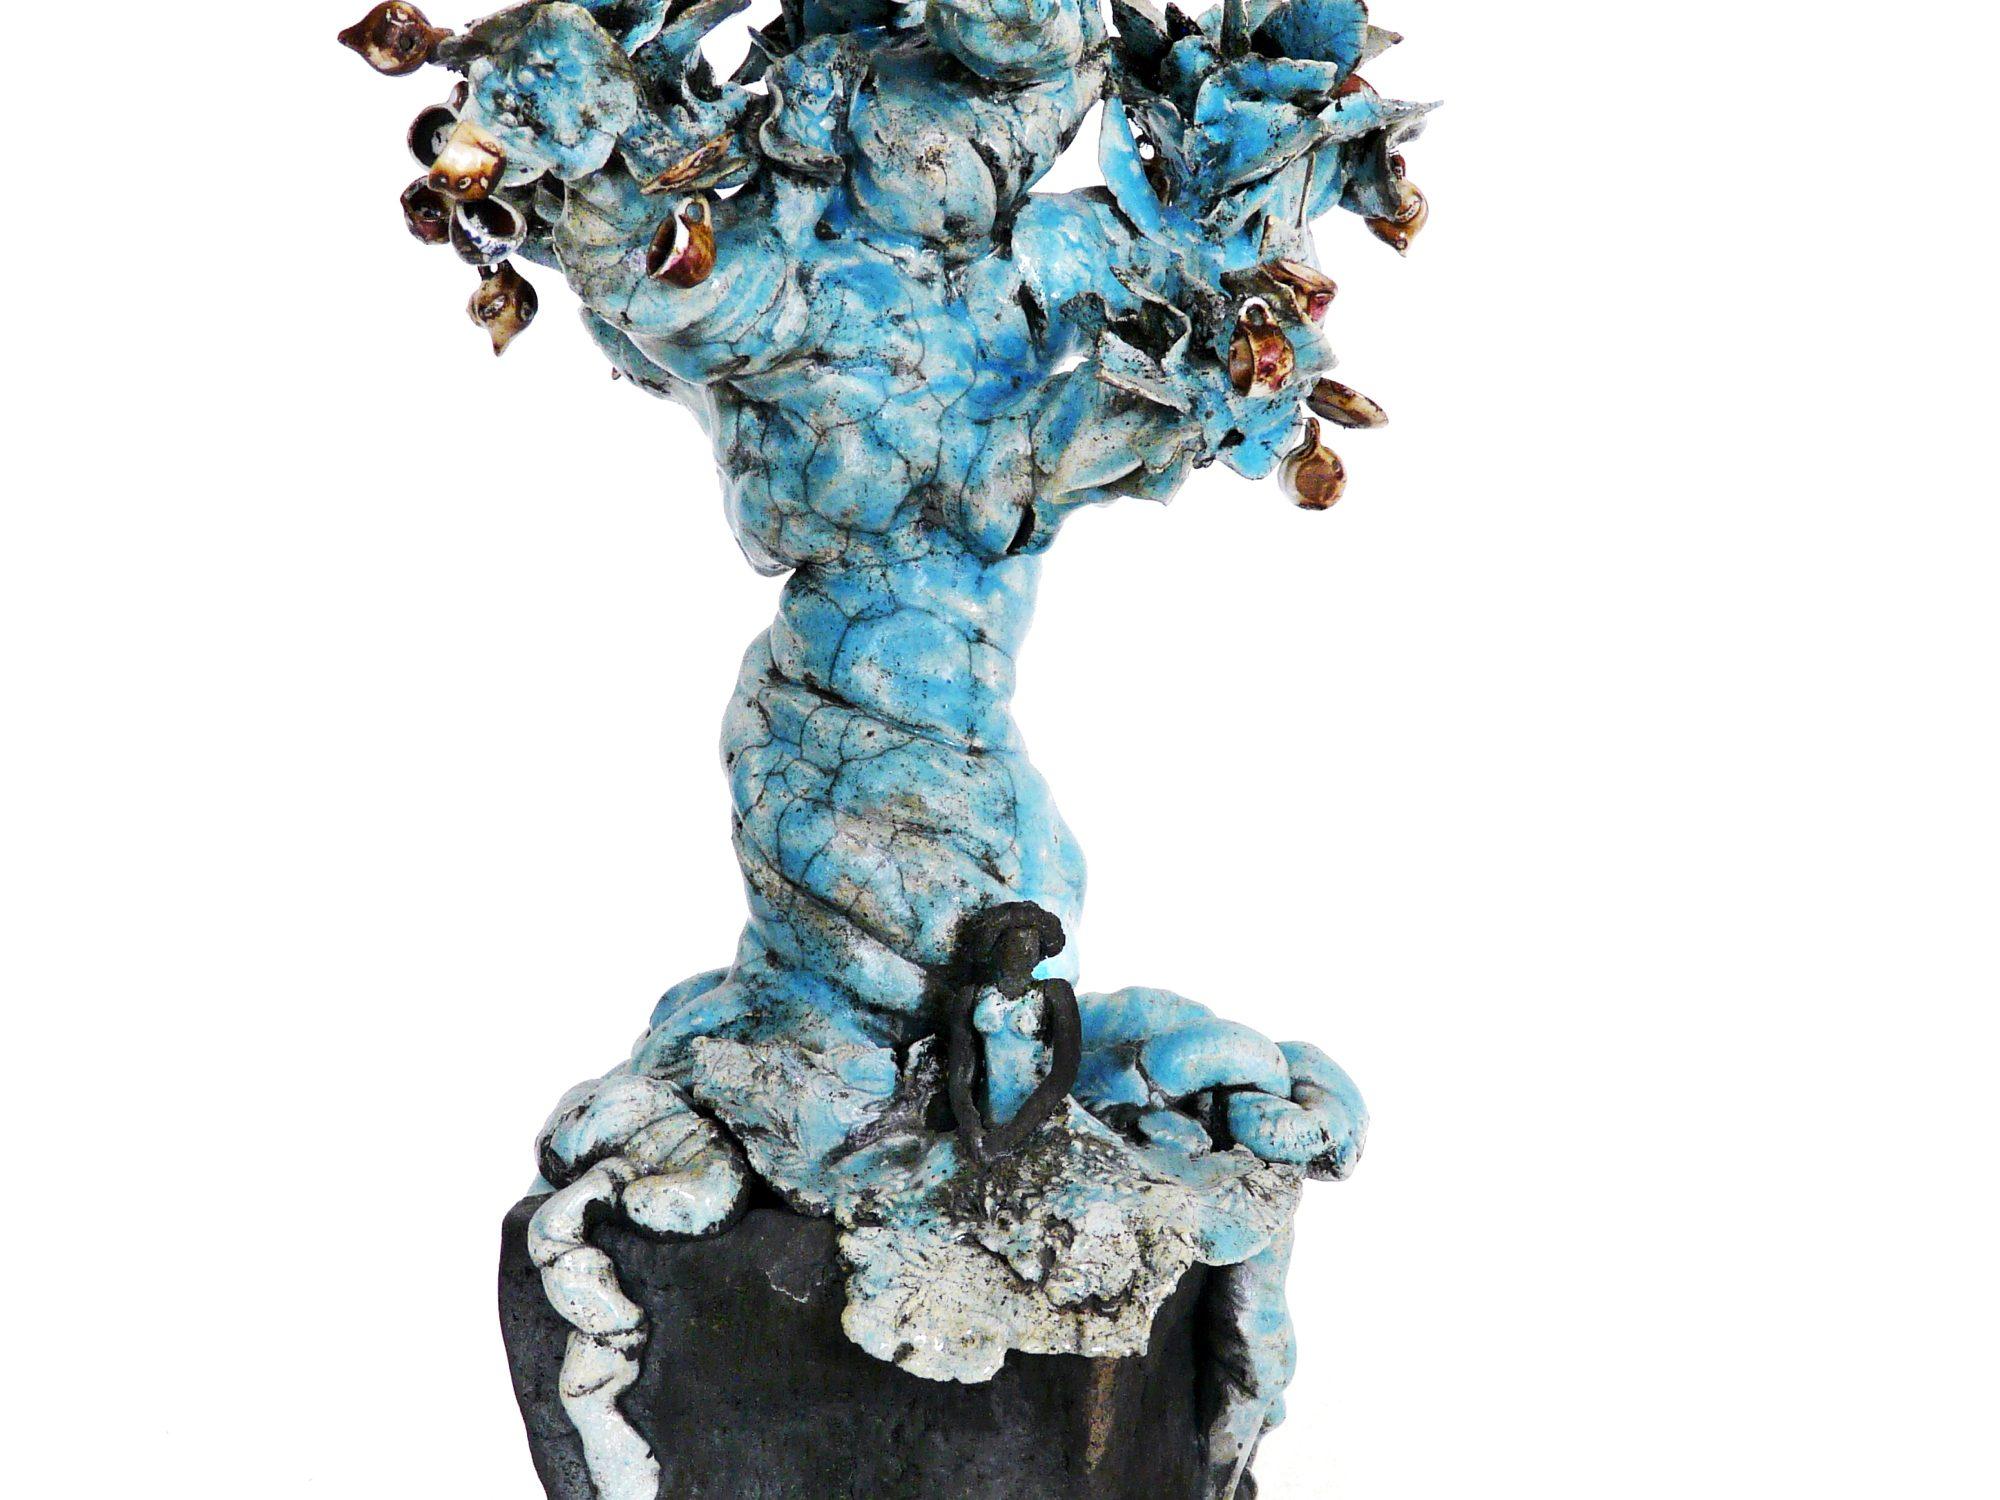 Le Tea time - Grès et porcelaine - Raku - Sculptures céramique de Florence Lemiegre